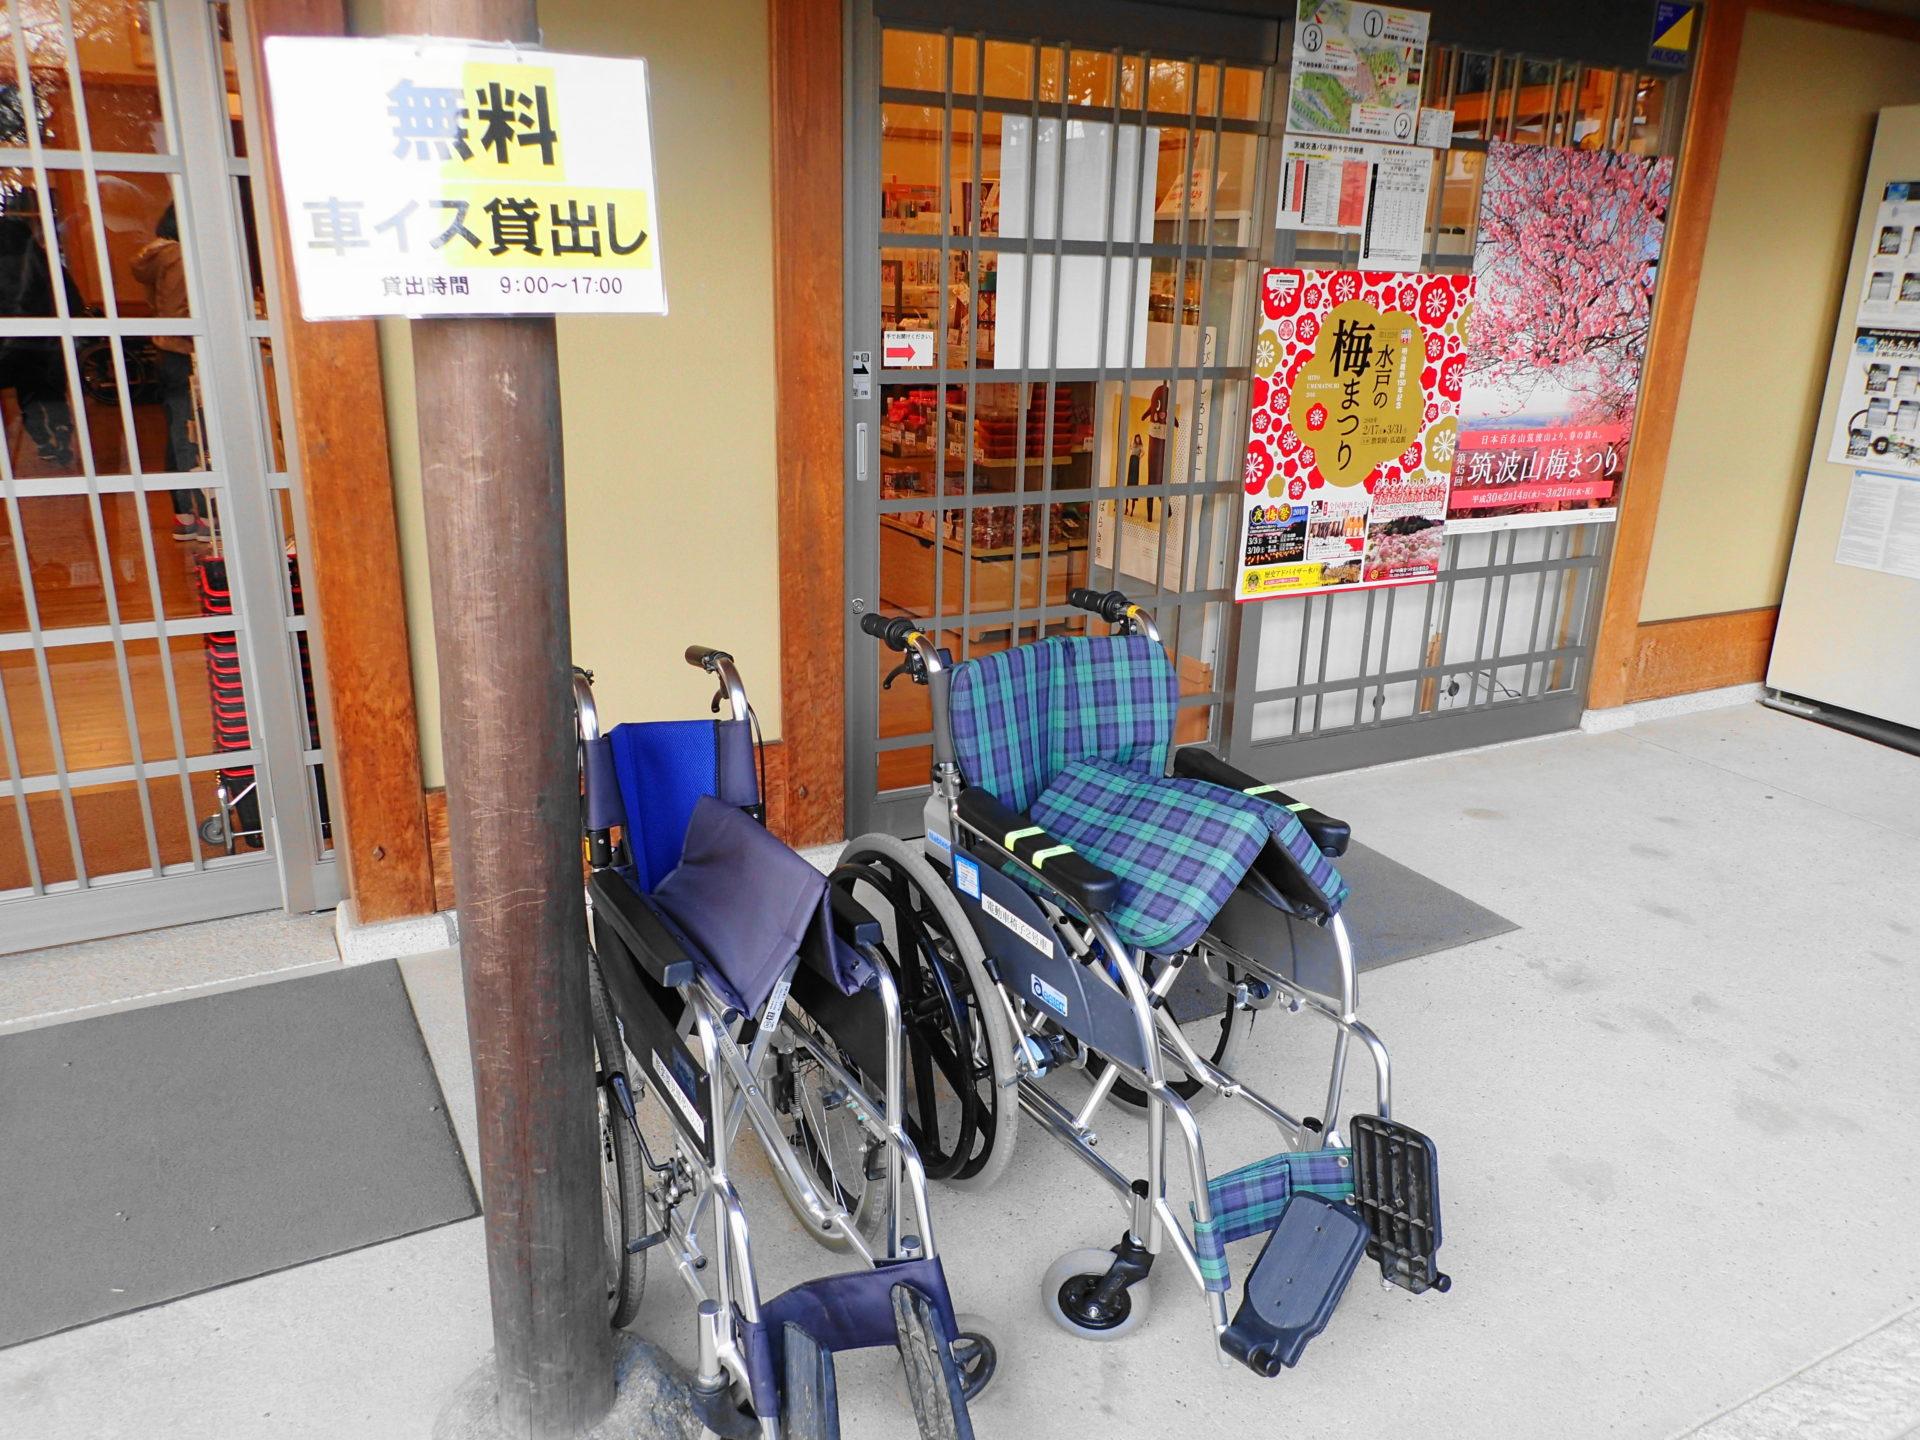 水戸の梅まつり|車椅子の無料貸出について スタッフ談 - いばらじお♪